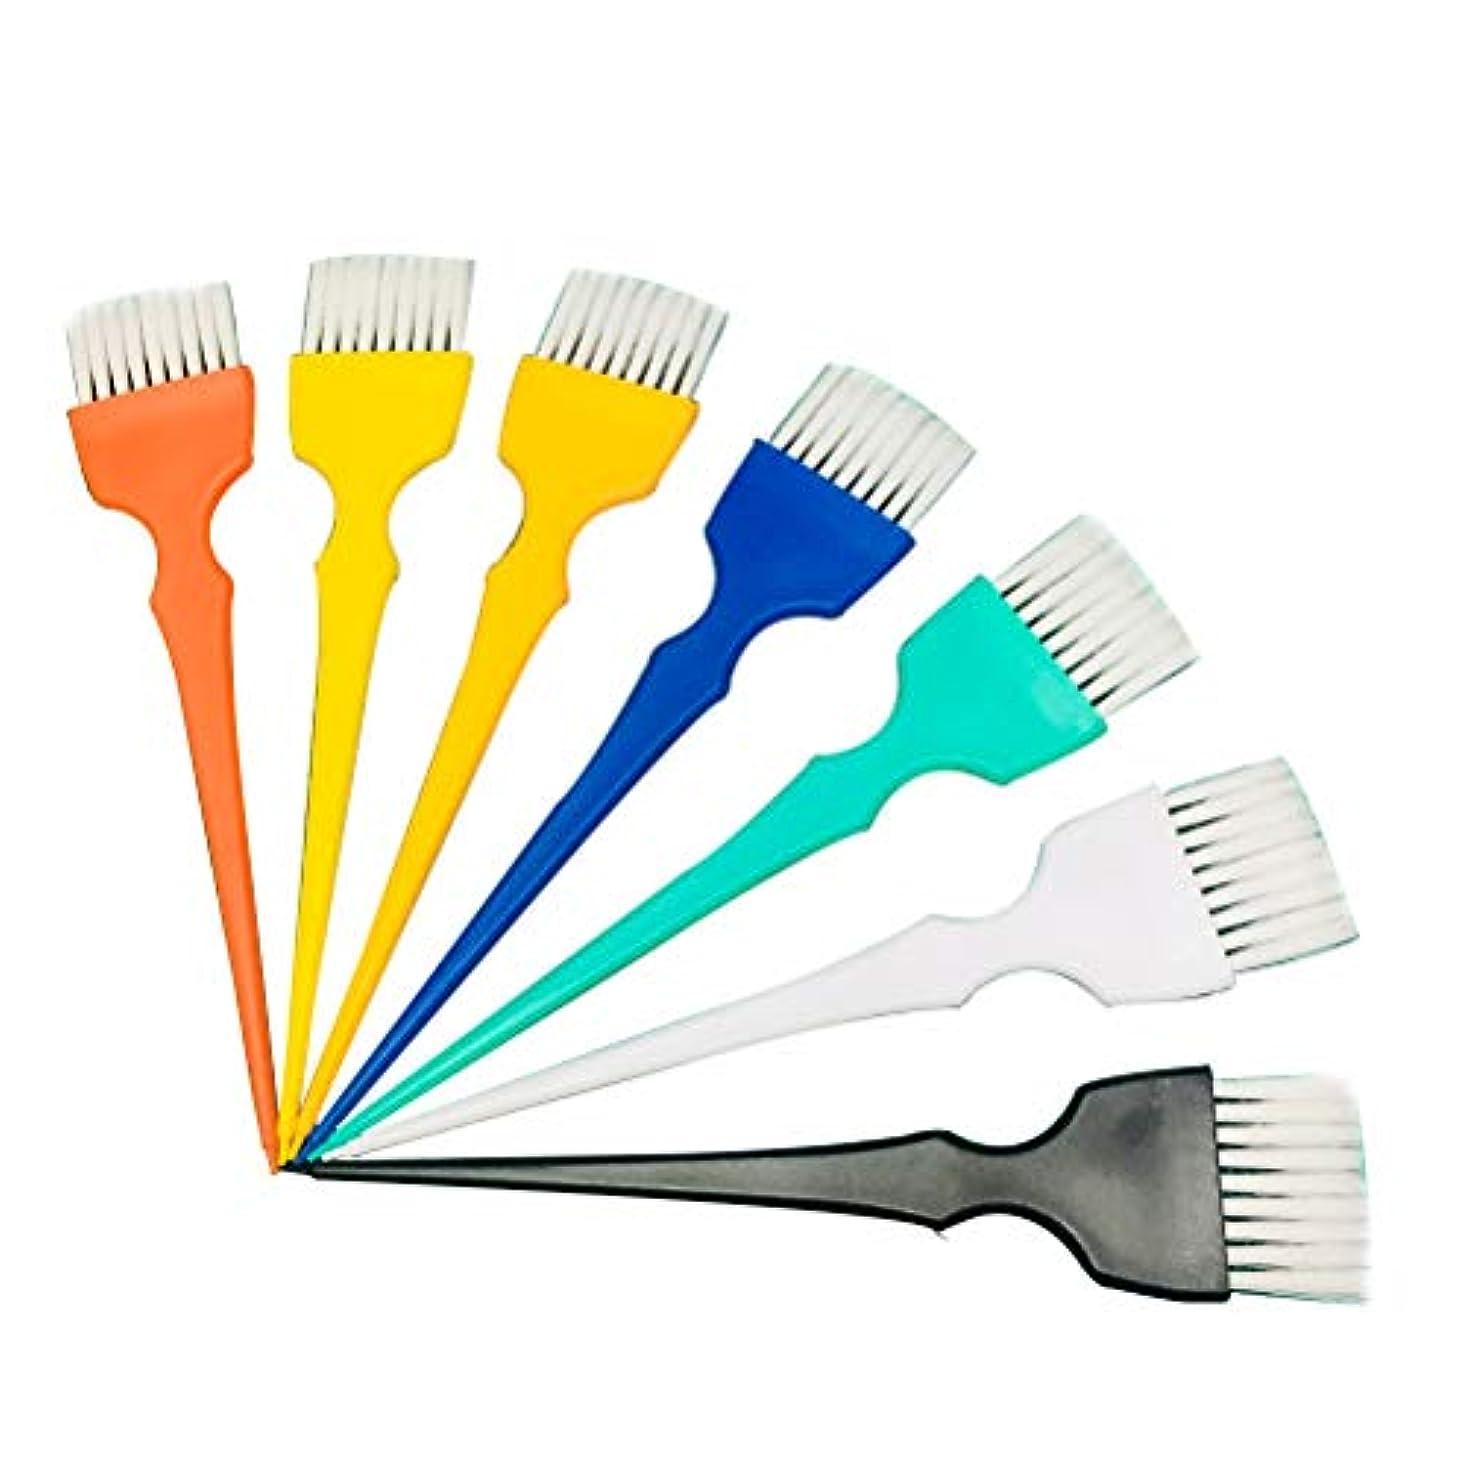 繰り返す適用済み強風Frcolor ヘアダイブラシ ヘアカラーブラシ ヘアダイコーム 白髪染め 家庭用 美容師プロ用 プラスチック製 7本セット(ランダムカラー)